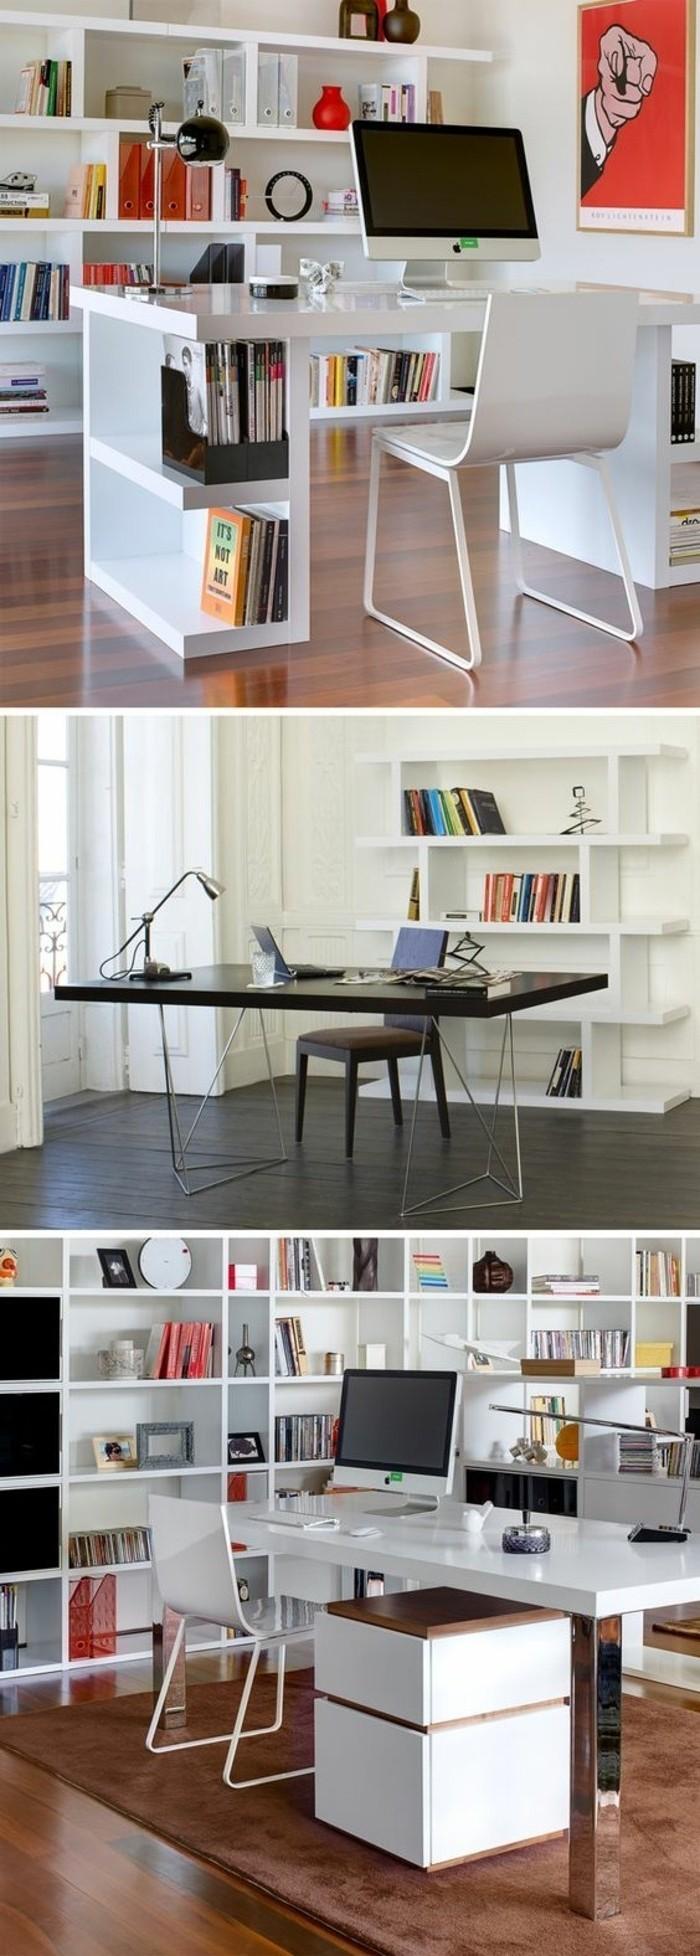 arbeitszimmer-einrichten-weisser-schreibtisch-stuhl-computer-buecher-regalsystem